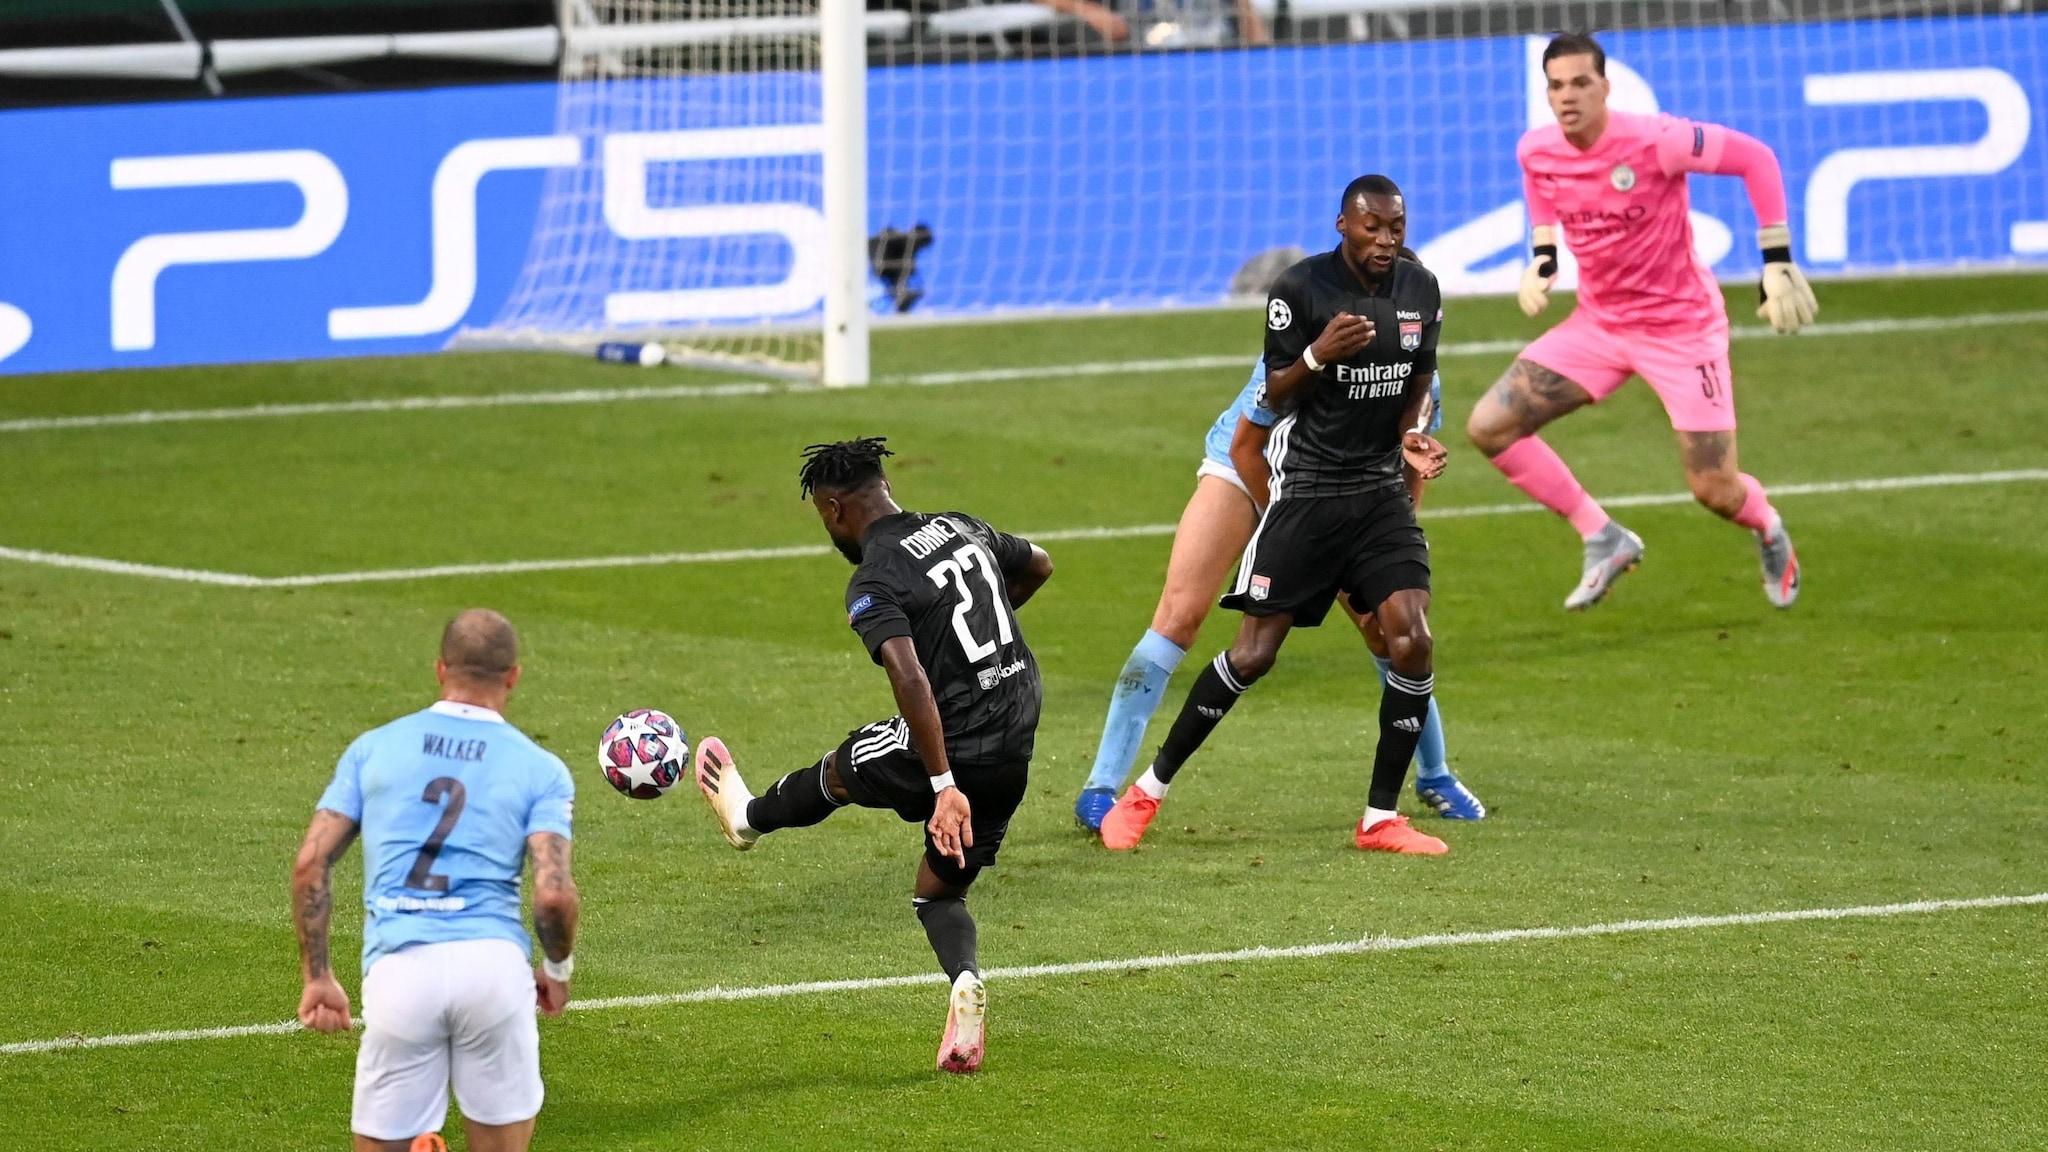 https://editorial.uefa.com/resources/0260-1023ba5e154a-241c44e0720f-1000/manchester_city_v_lyon_-_uefa_champions_league_quarter_final.jpeg?imwidth=2048